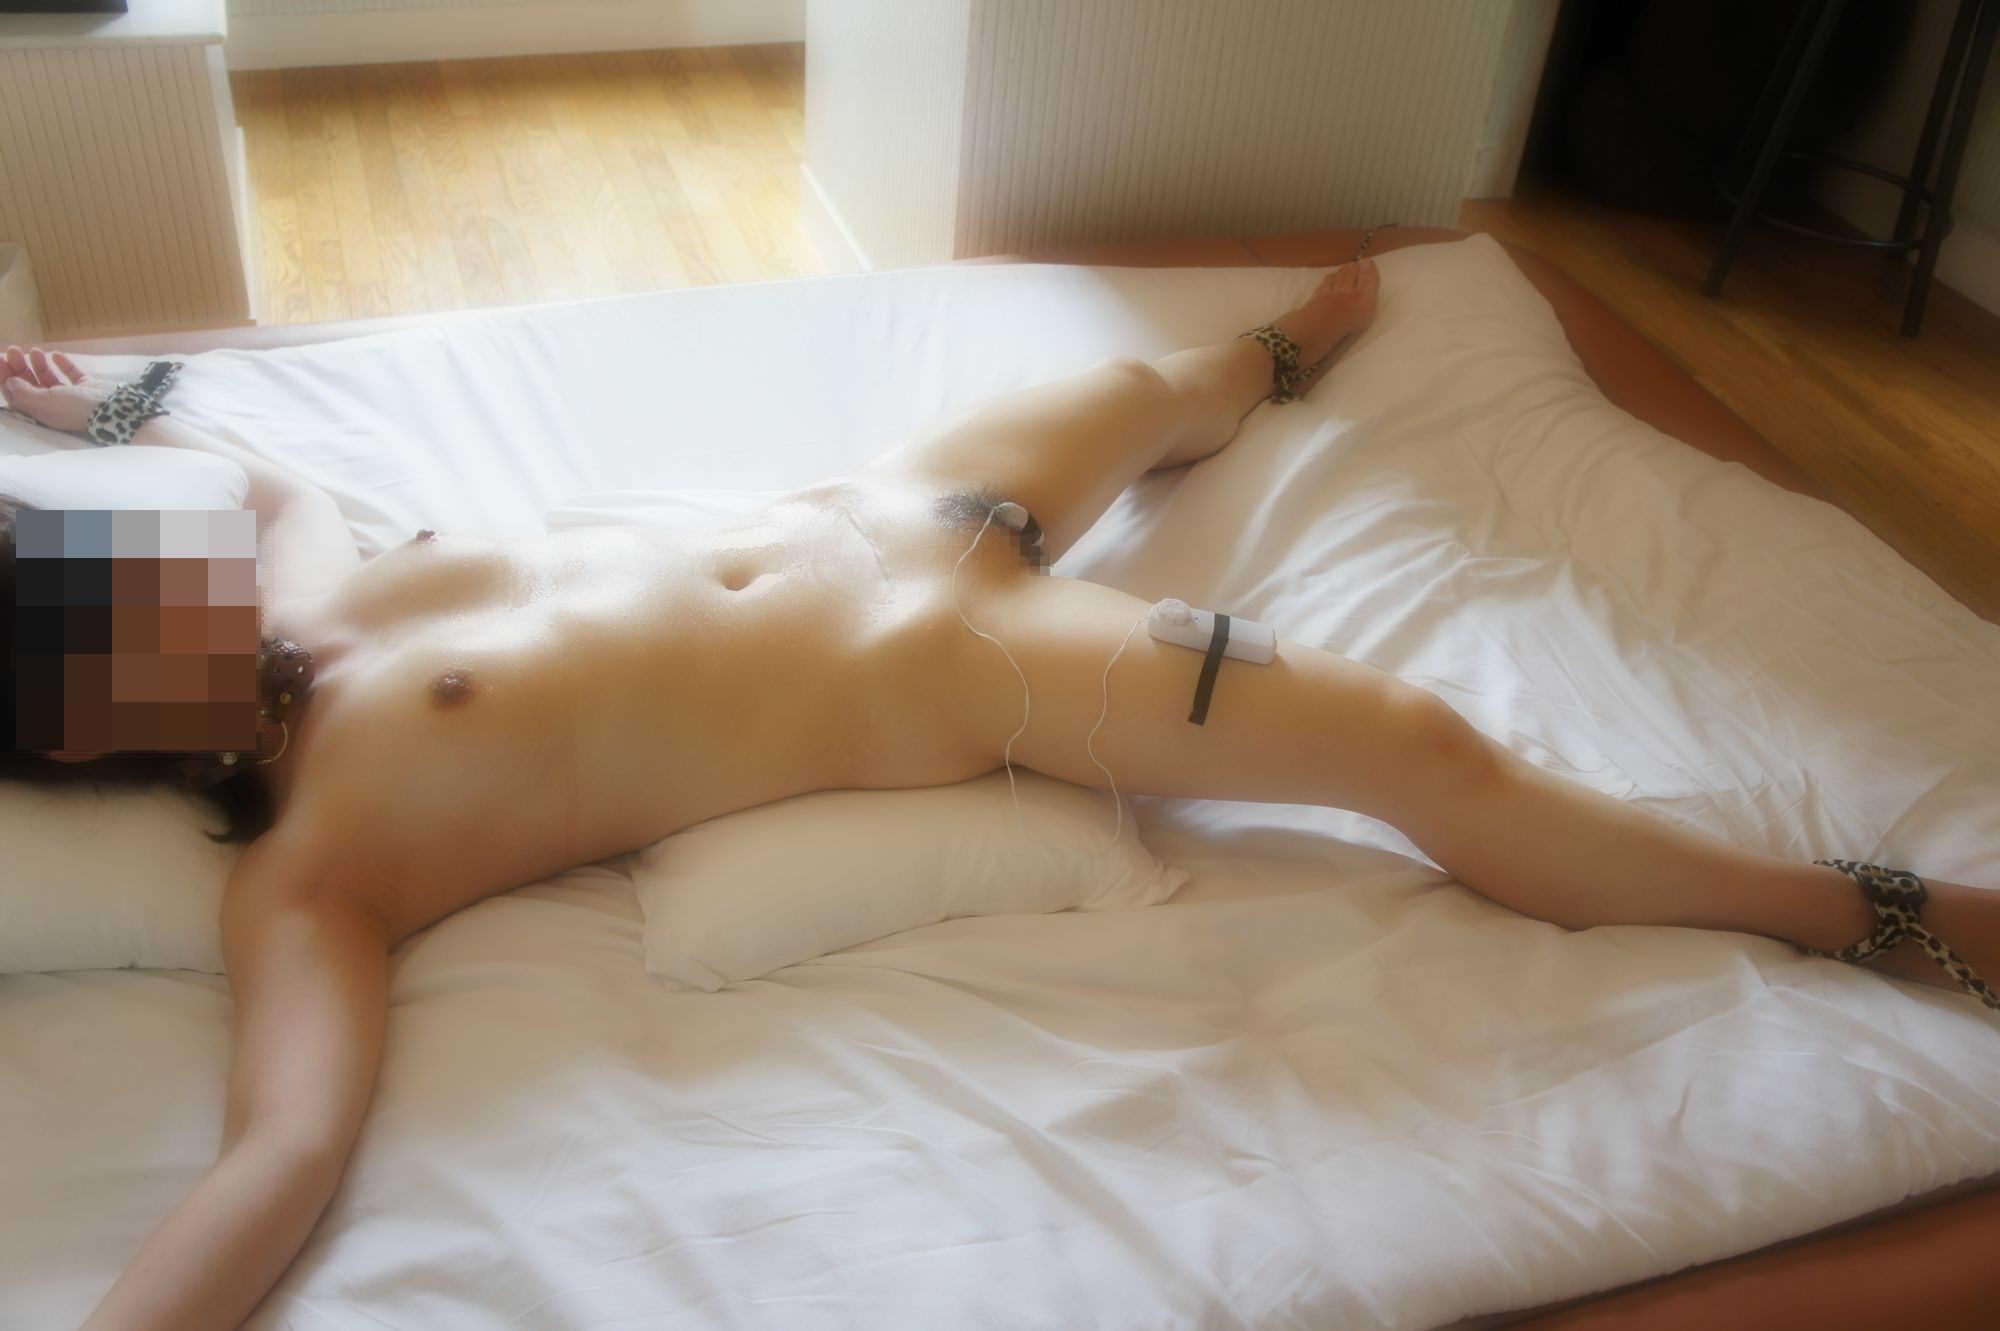 女を調教する為に両手両足を拘束して自由を奪ったSMエロ画像 2206